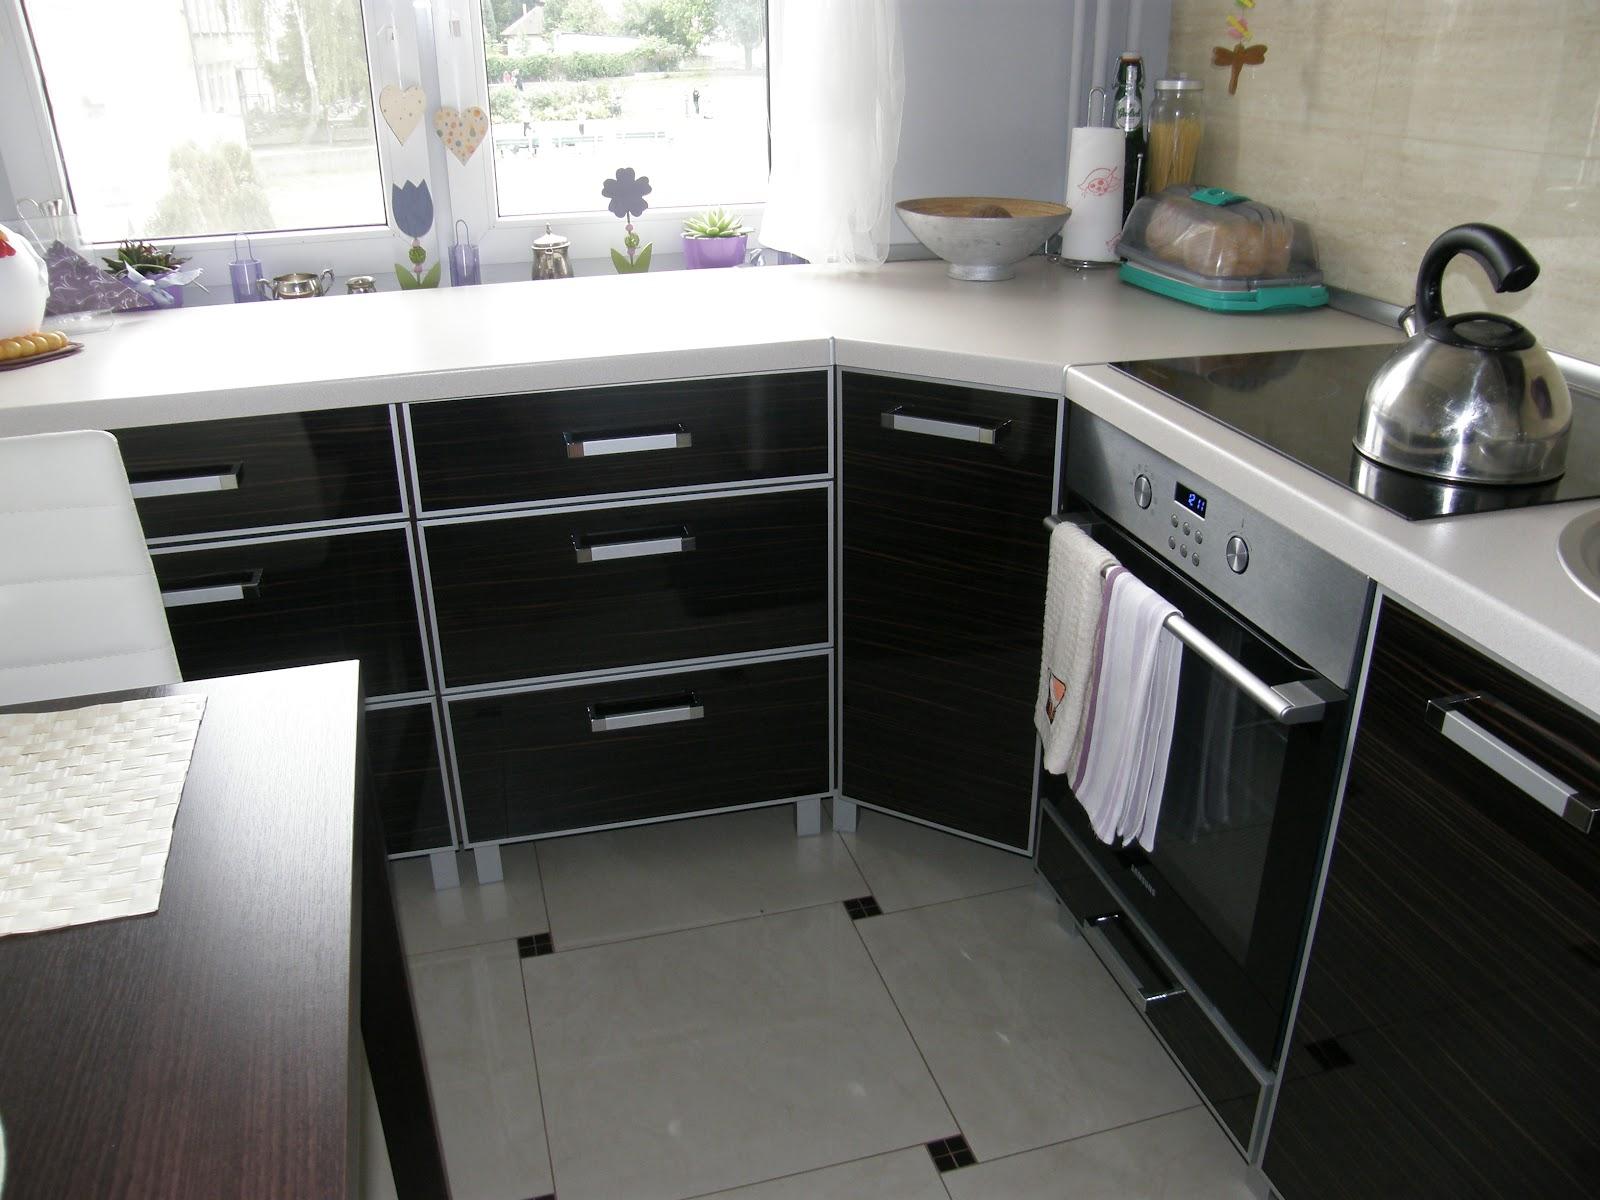 M3moluchy Moja kuchnia  -> Moja Kuchnia Meble